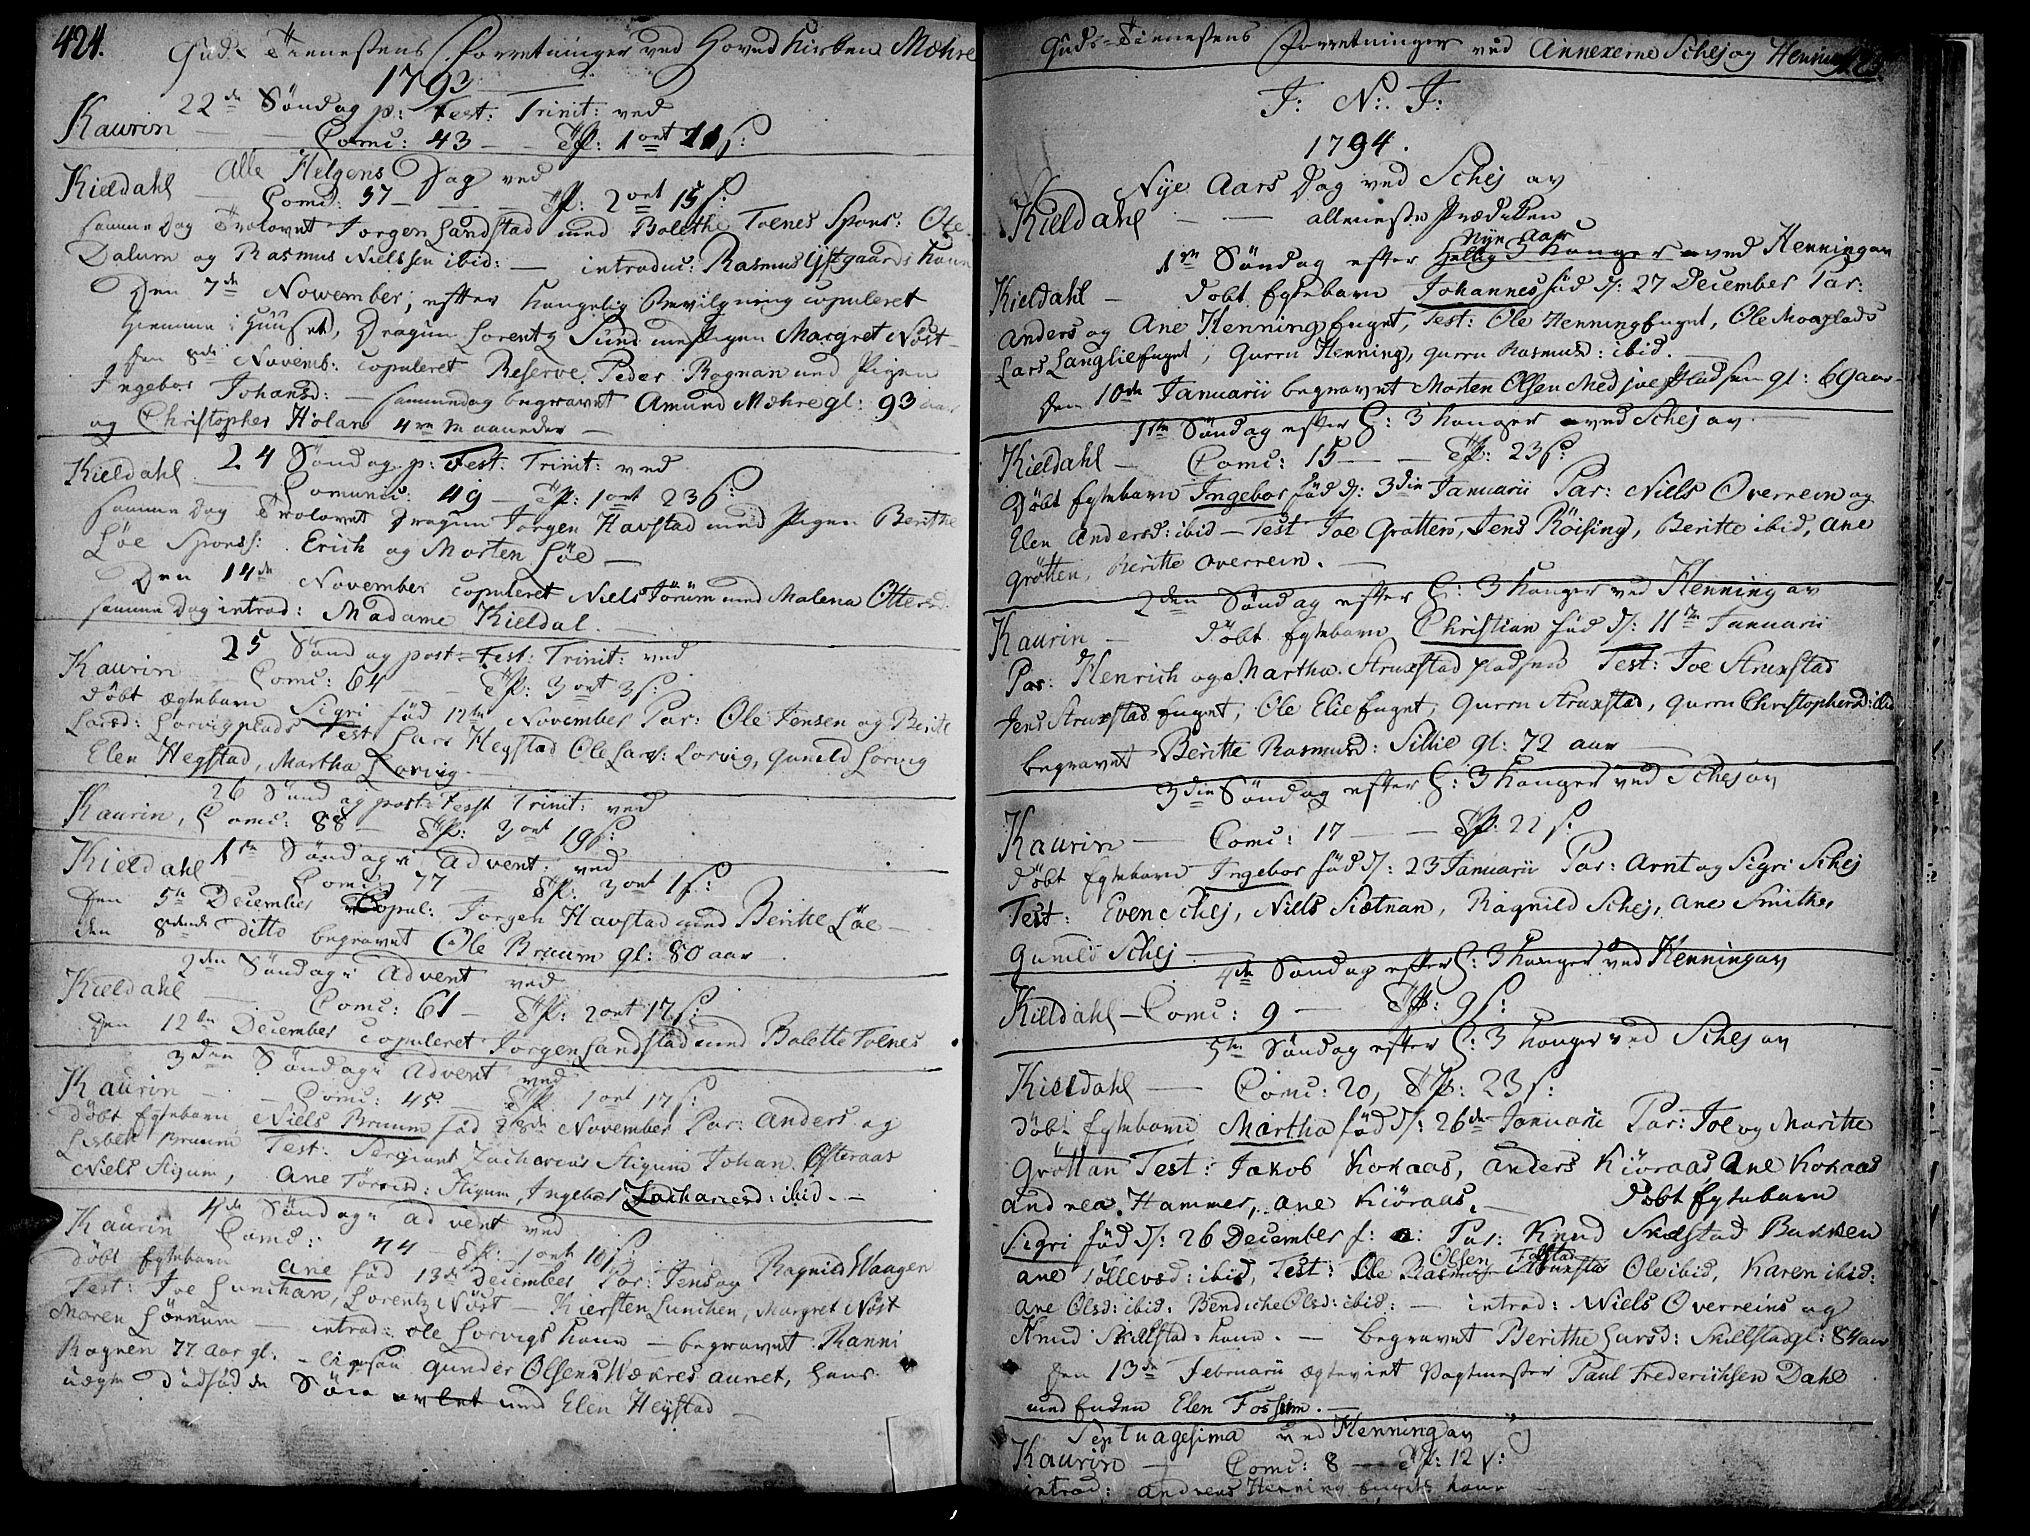 SAT, Ministerialprotokoller, klokkerbøker og fødselsregistre - Nord-Trøndelag, 735/L0331: Ministerialbok nr. 735A02, 1762-1794, s. 424-425